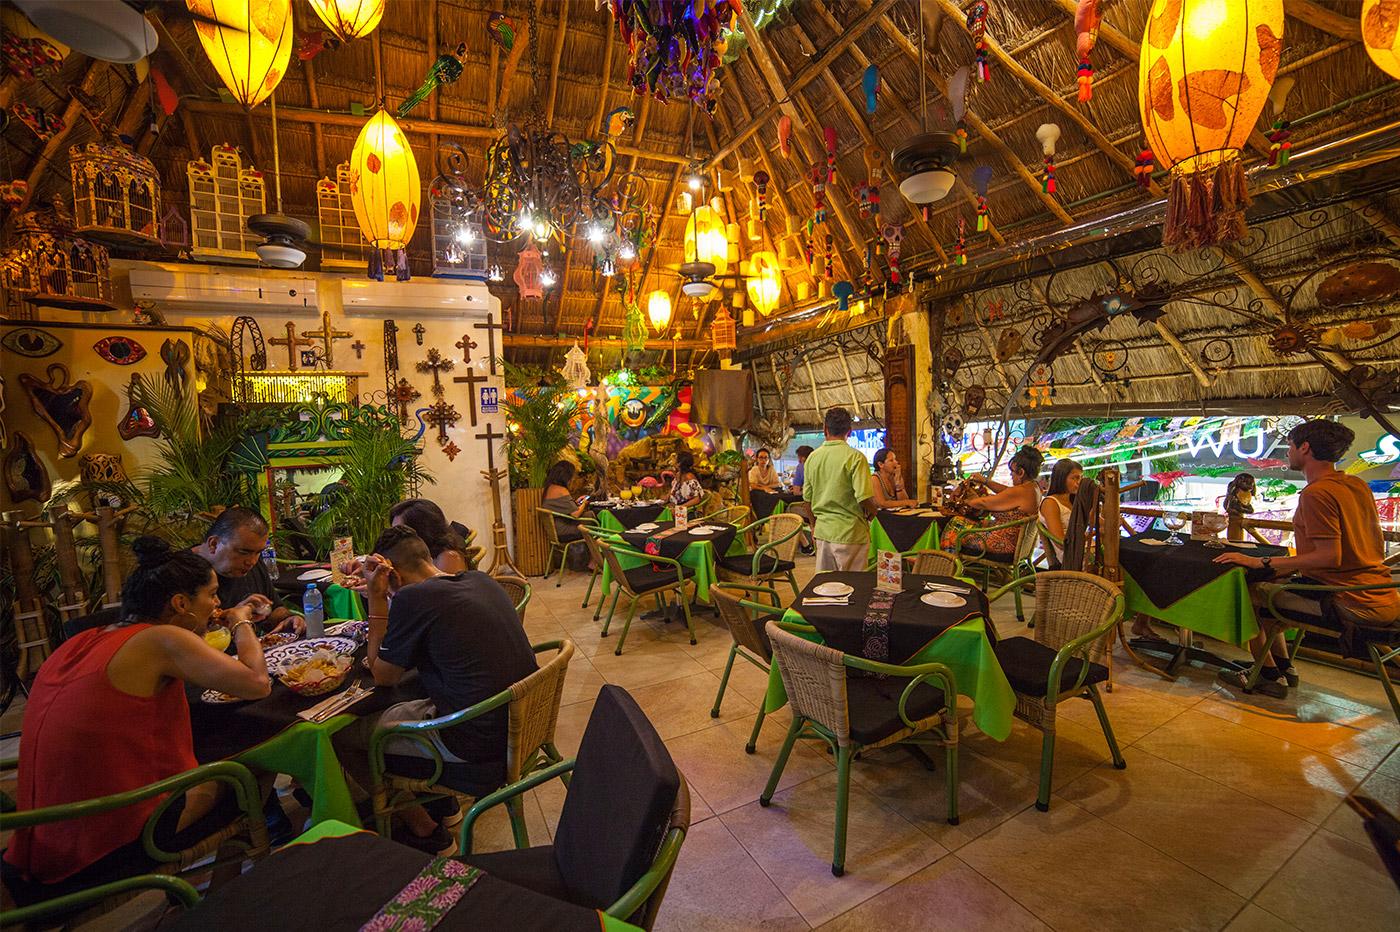 Restaurante Tropical Playa del Carmen Mxico